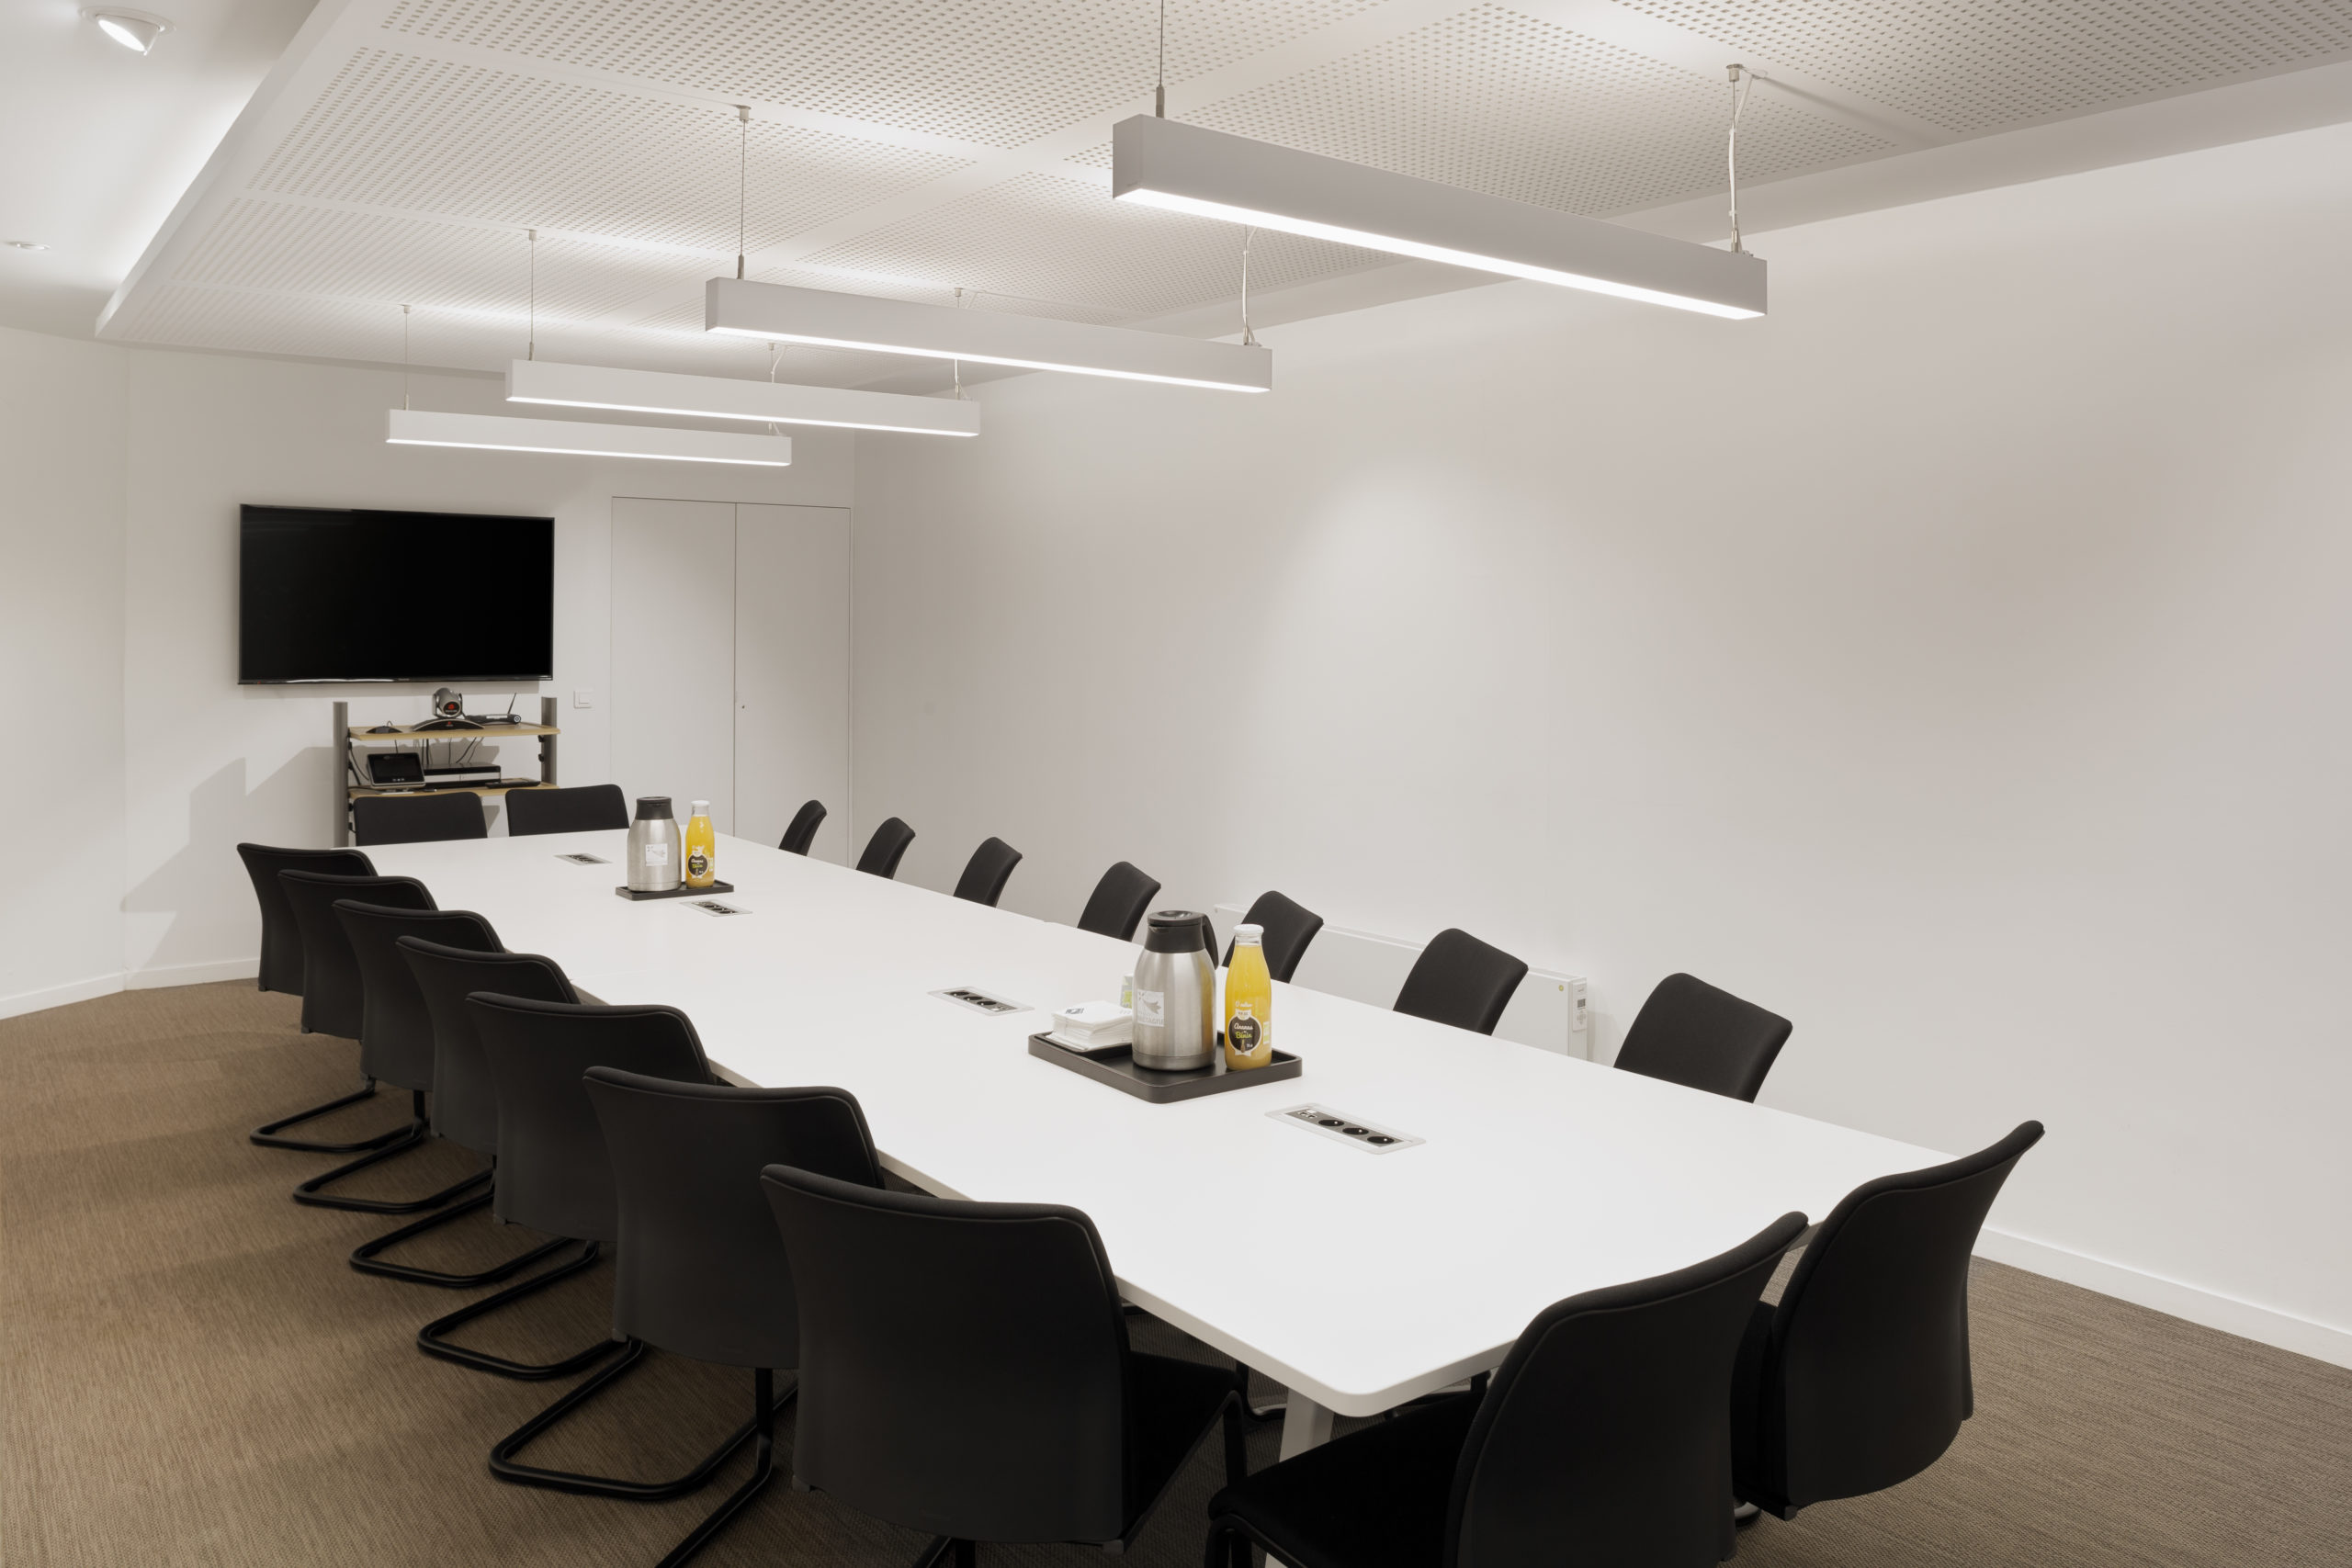 salle pour 18 personnes, visioconférence, vestiaire, climatisation